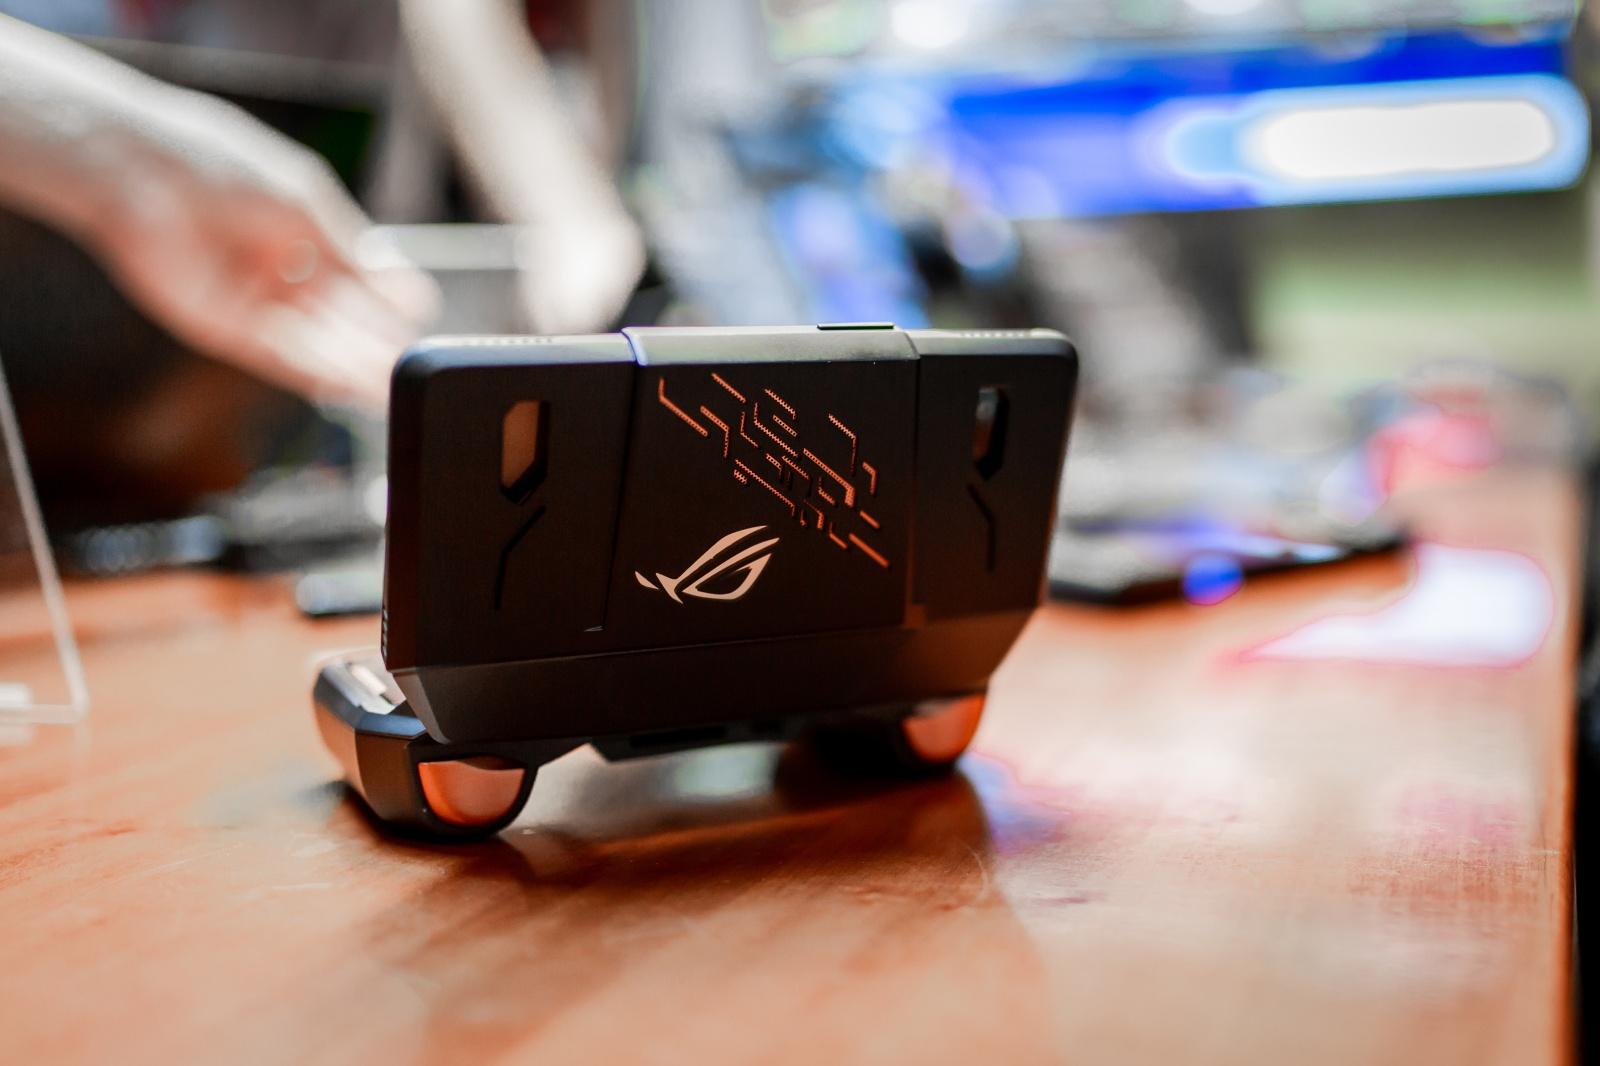 Первый взгляд на геймерский смартфон ASUS ROG Phone - 23